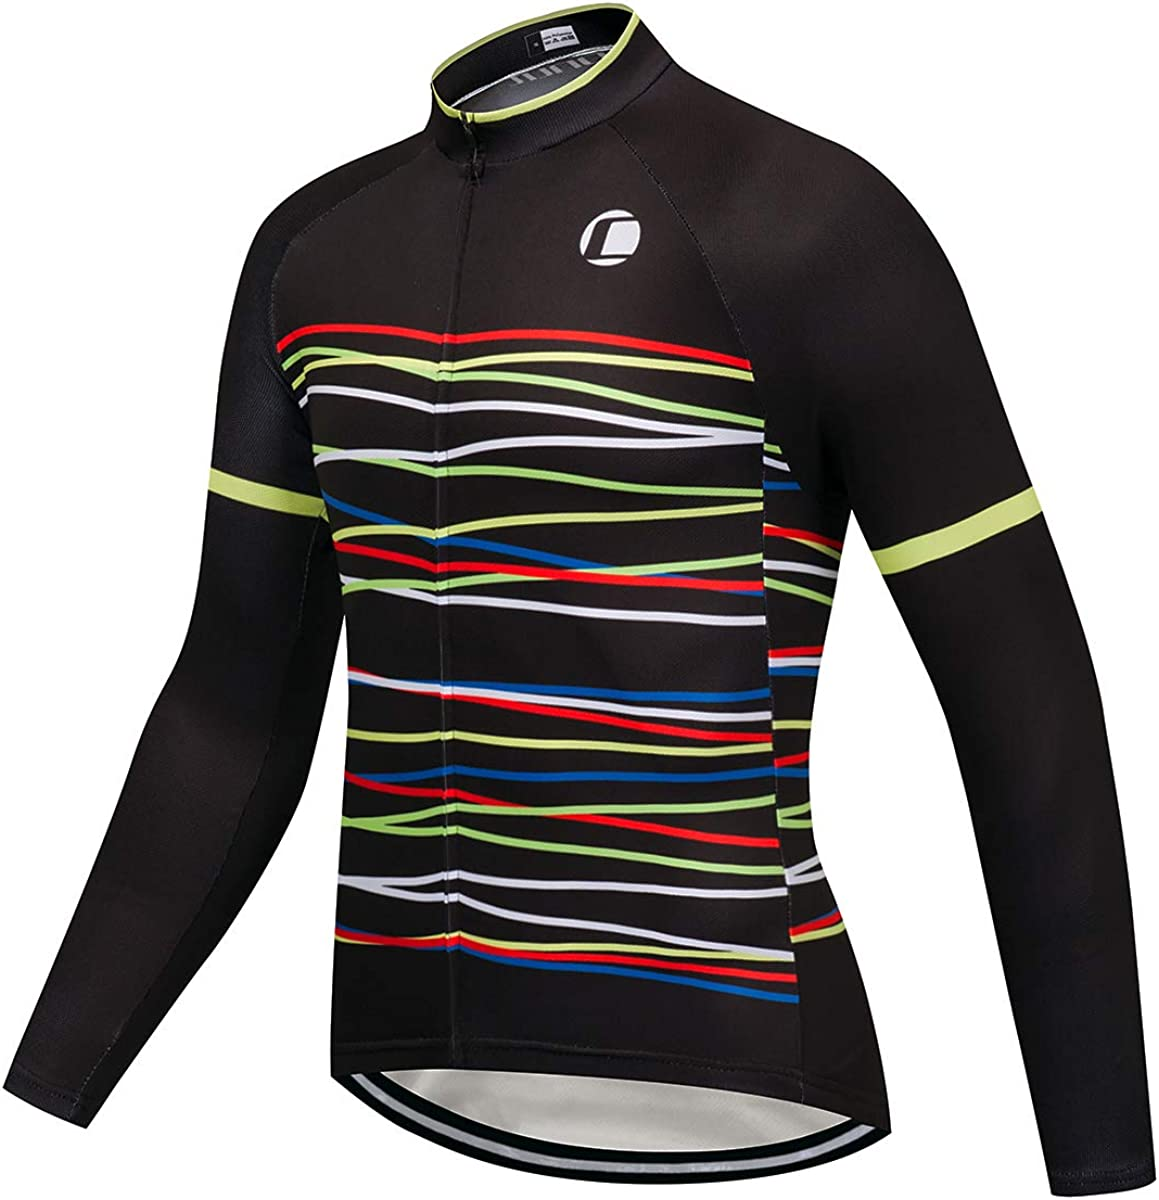 Coconut Ropamo Men's Max 76% OFF Long Sleeve Cycling Bike Biking Max 43% OFF Shi Jersey